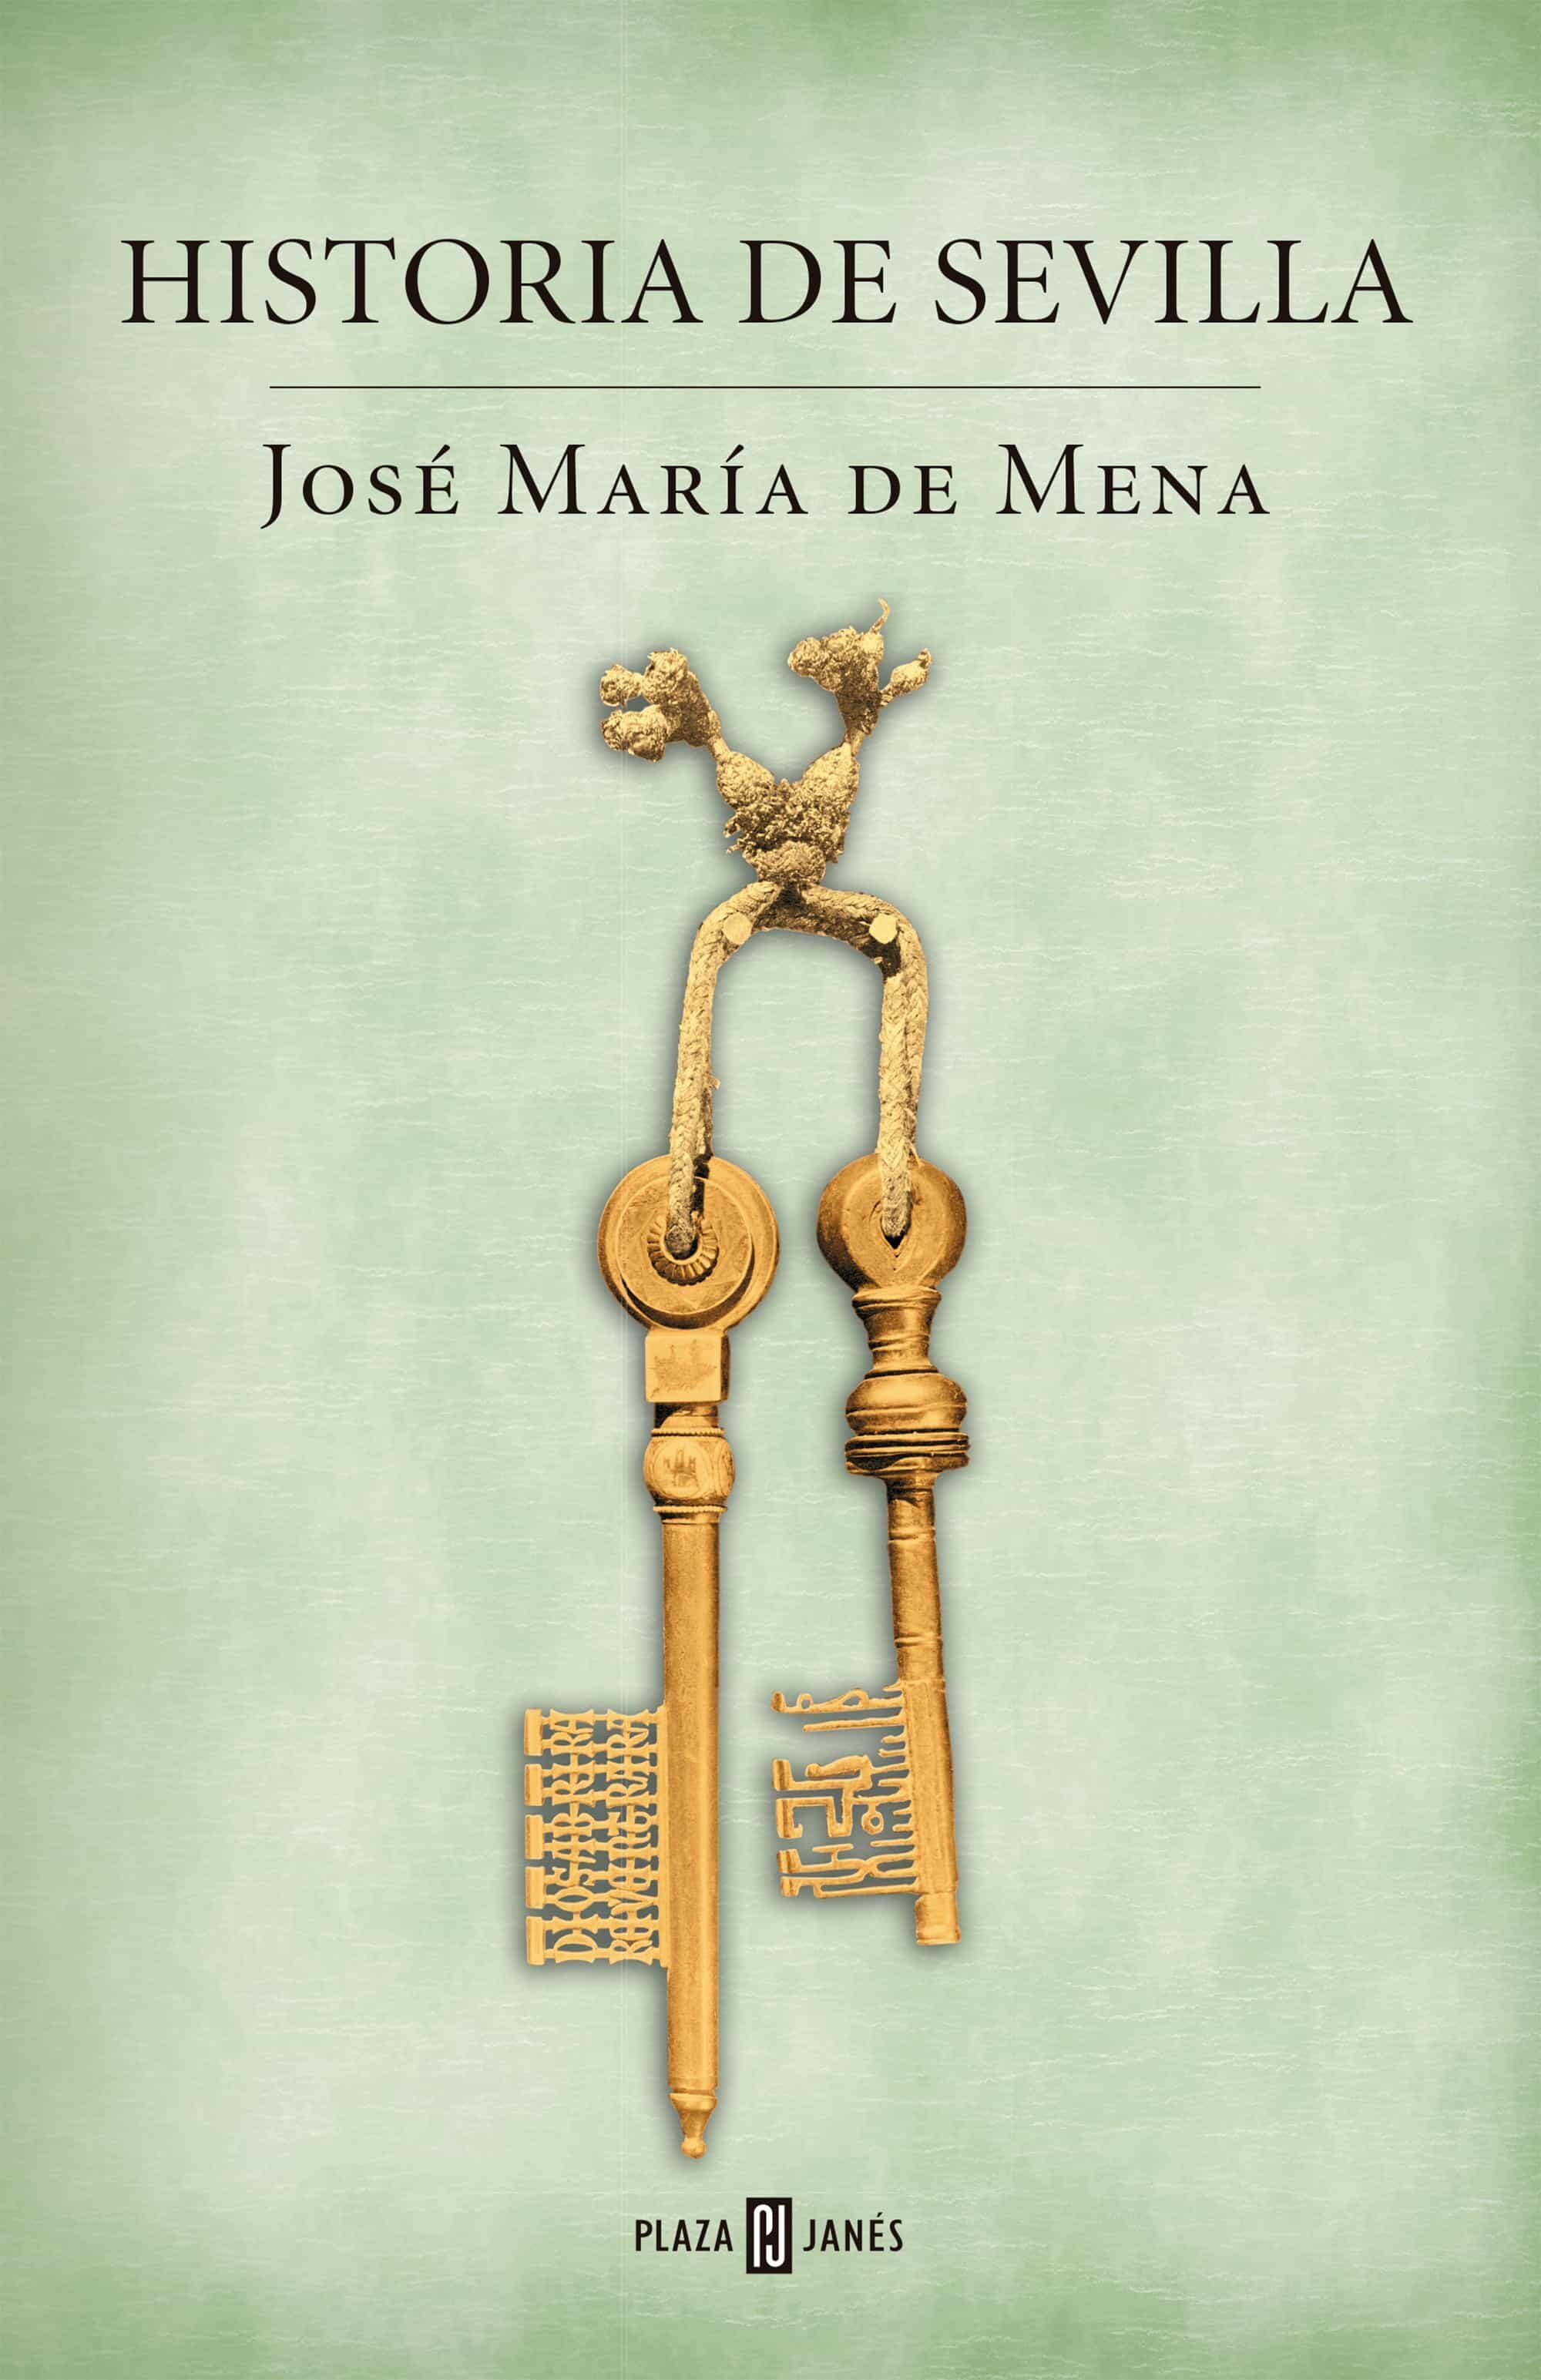 historia de sevilla-jose maria de mena-9788401389849